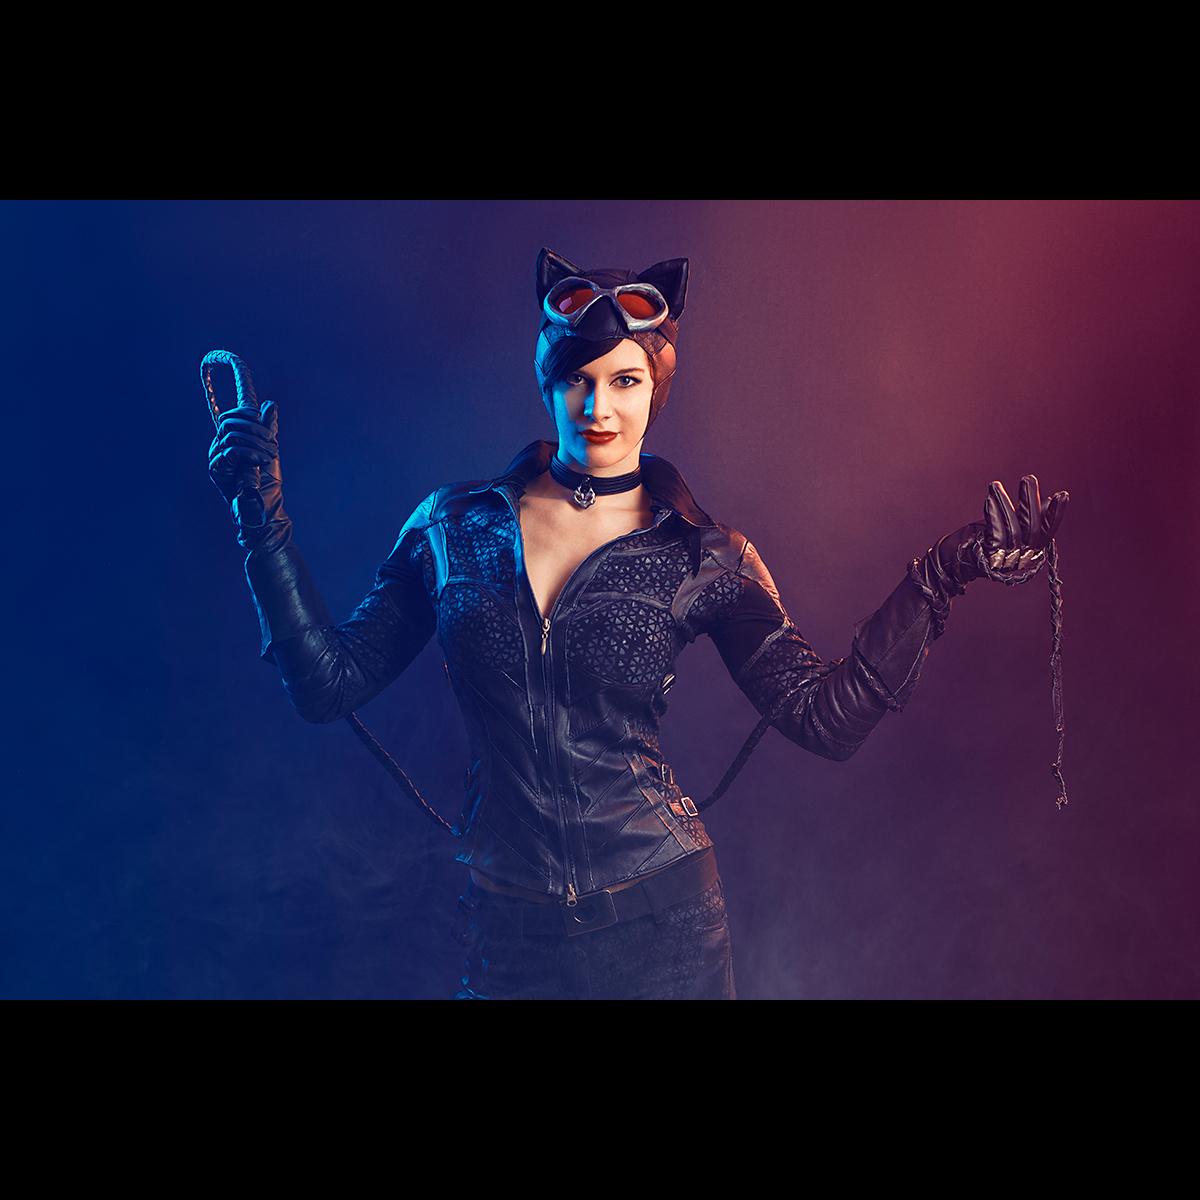 Łukasz Liszko - fotografia cosplay - Lynx Den - Catwoman Arkham City